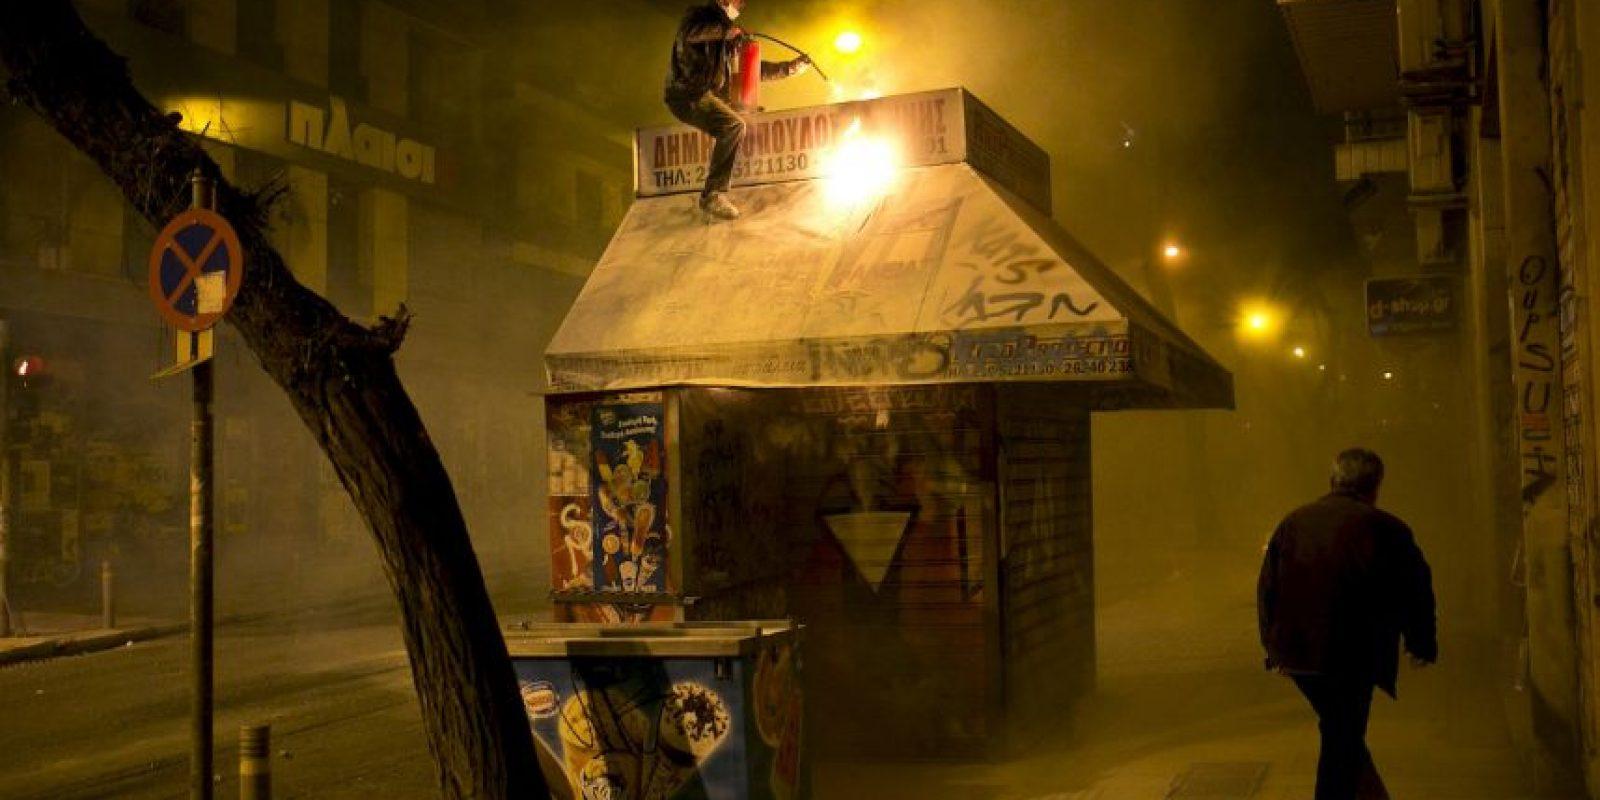 Un vendedor trata de apagar un incendio en su kiosco durante los enfrentamientos entre la policía antidisturbios y manifestantes en Atenas. Foto:AFP